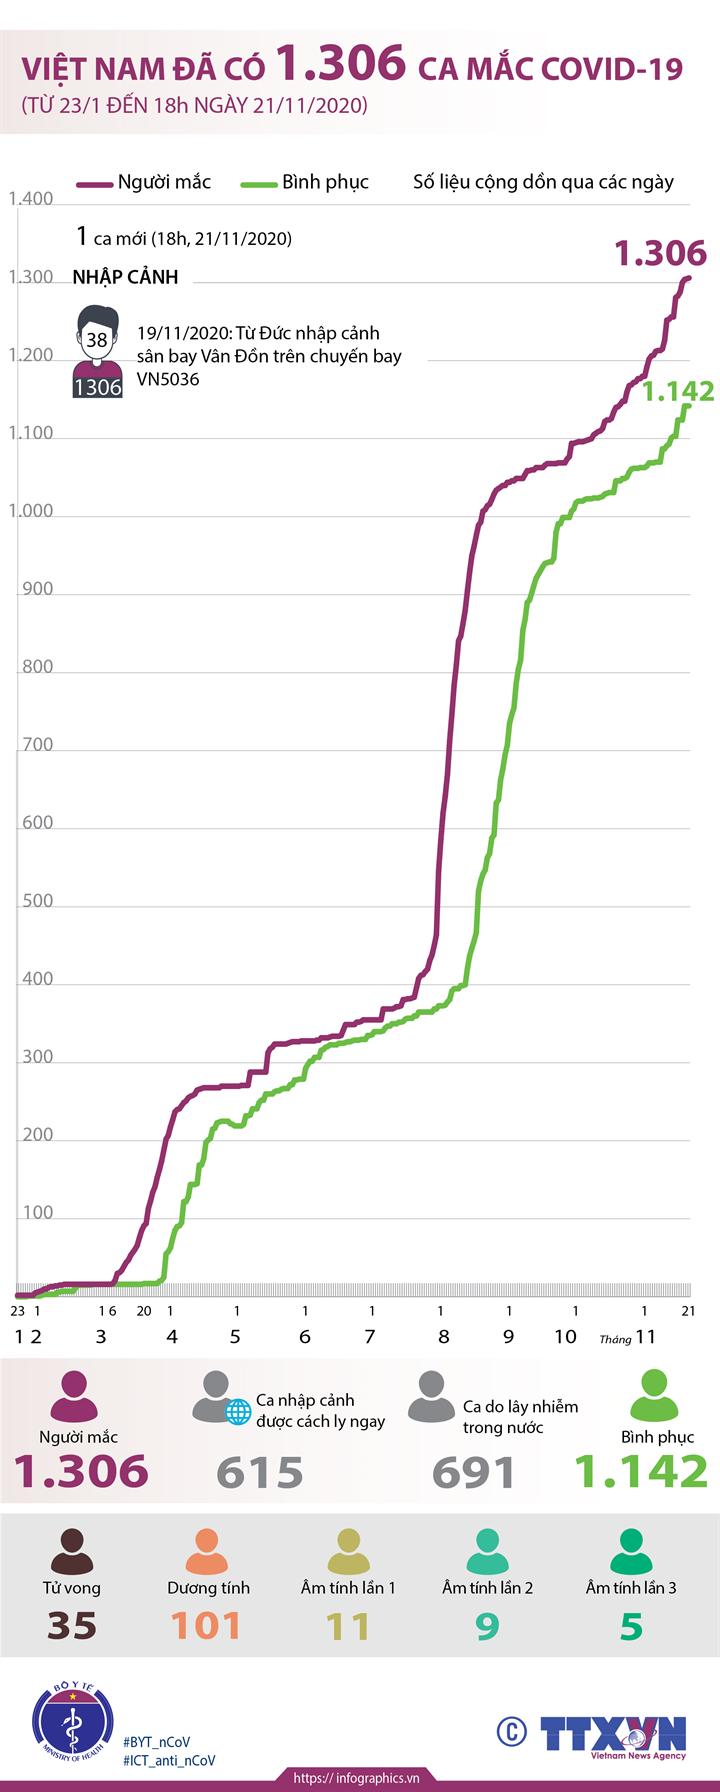 Việt Nam đã có 1.306 ca mắc COVID-19 (từ 23/1 đến 18h ngày 21/11/2020)